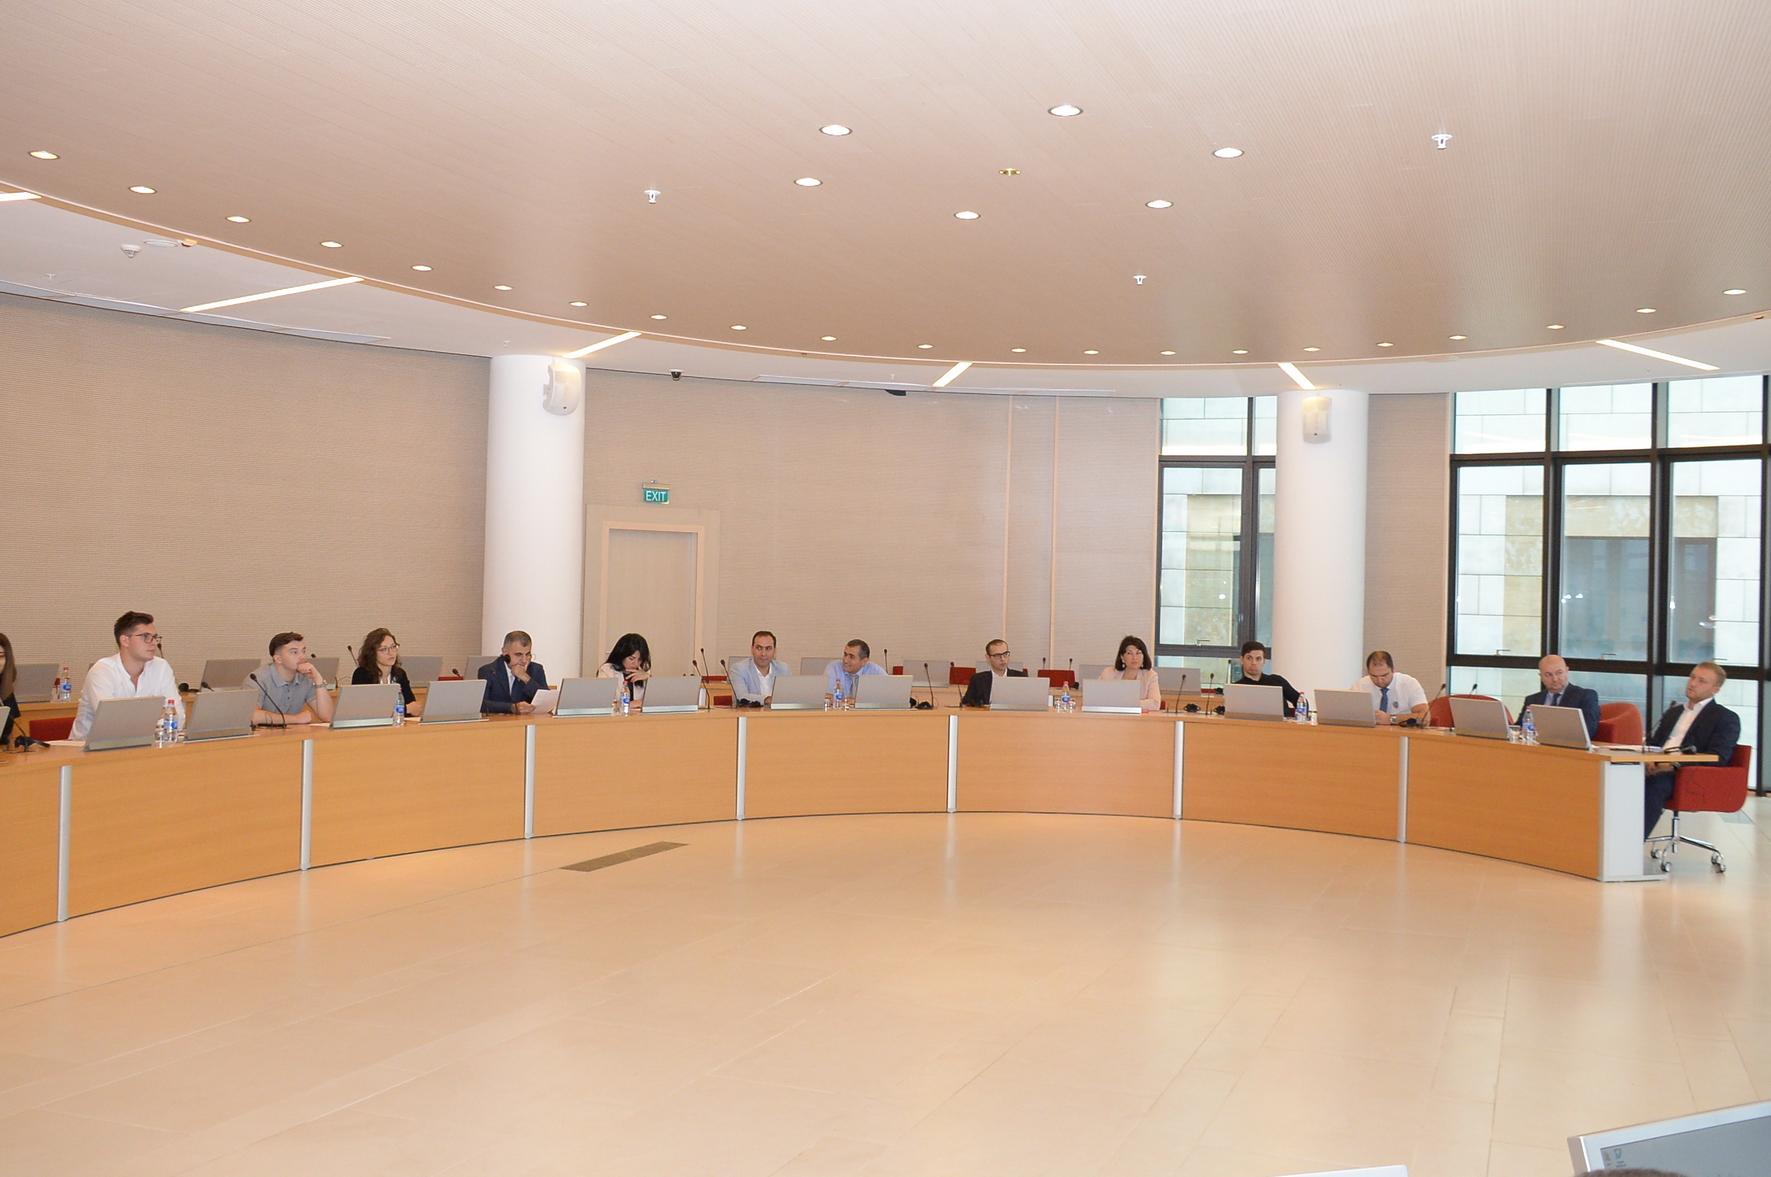 """,""""Hüquq və rəqəmsallaşma"""" - """"Law and Digitalization"""" mövzusunda seminar keçirilib"""